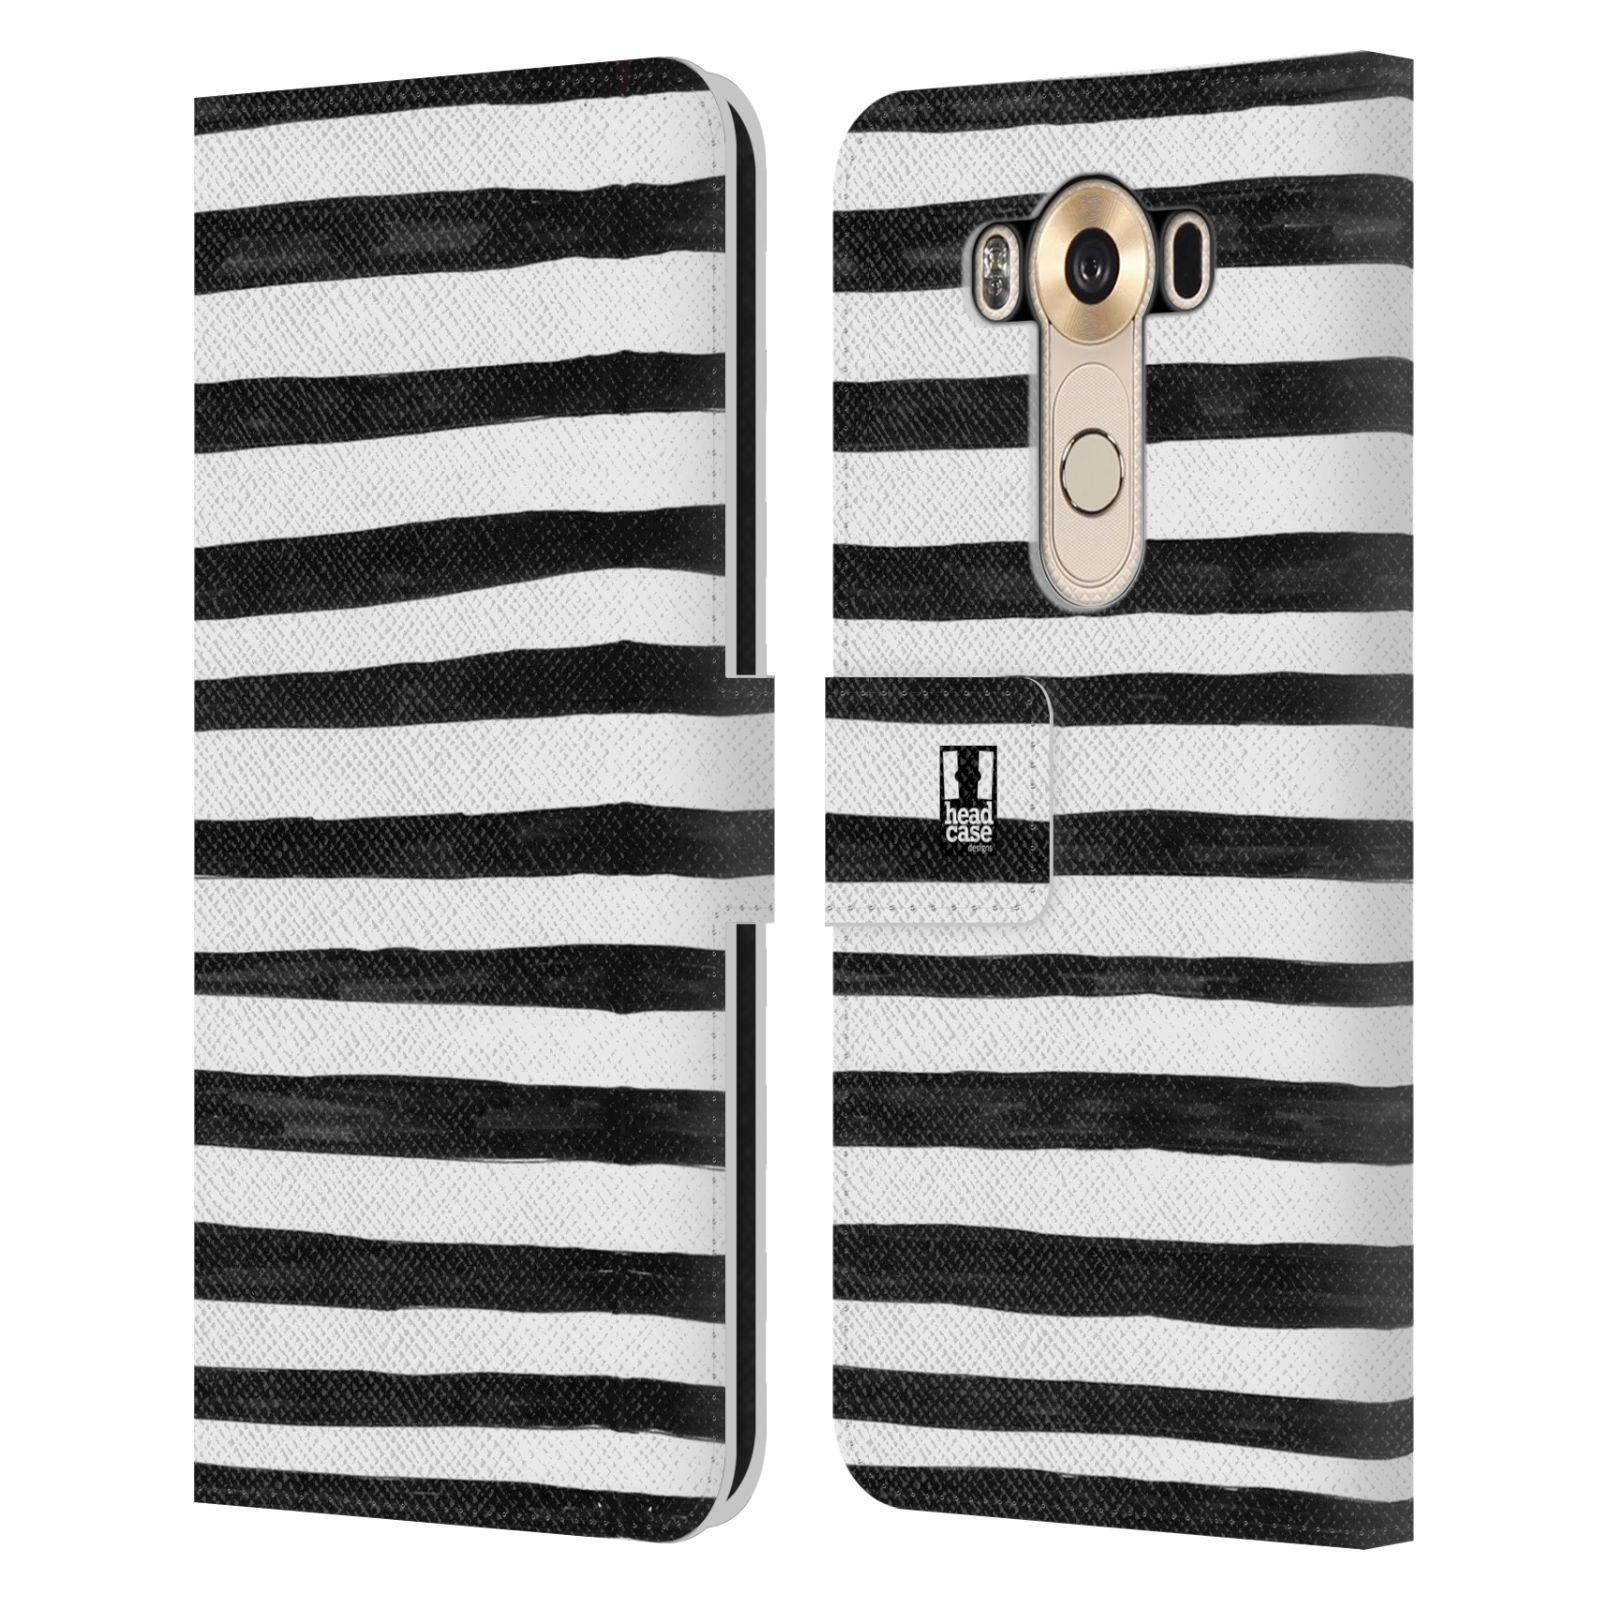 HEAD CASE Flipové pouzdro pro mobil LG V10 kresba a čmáranice pruhy černá a bílá